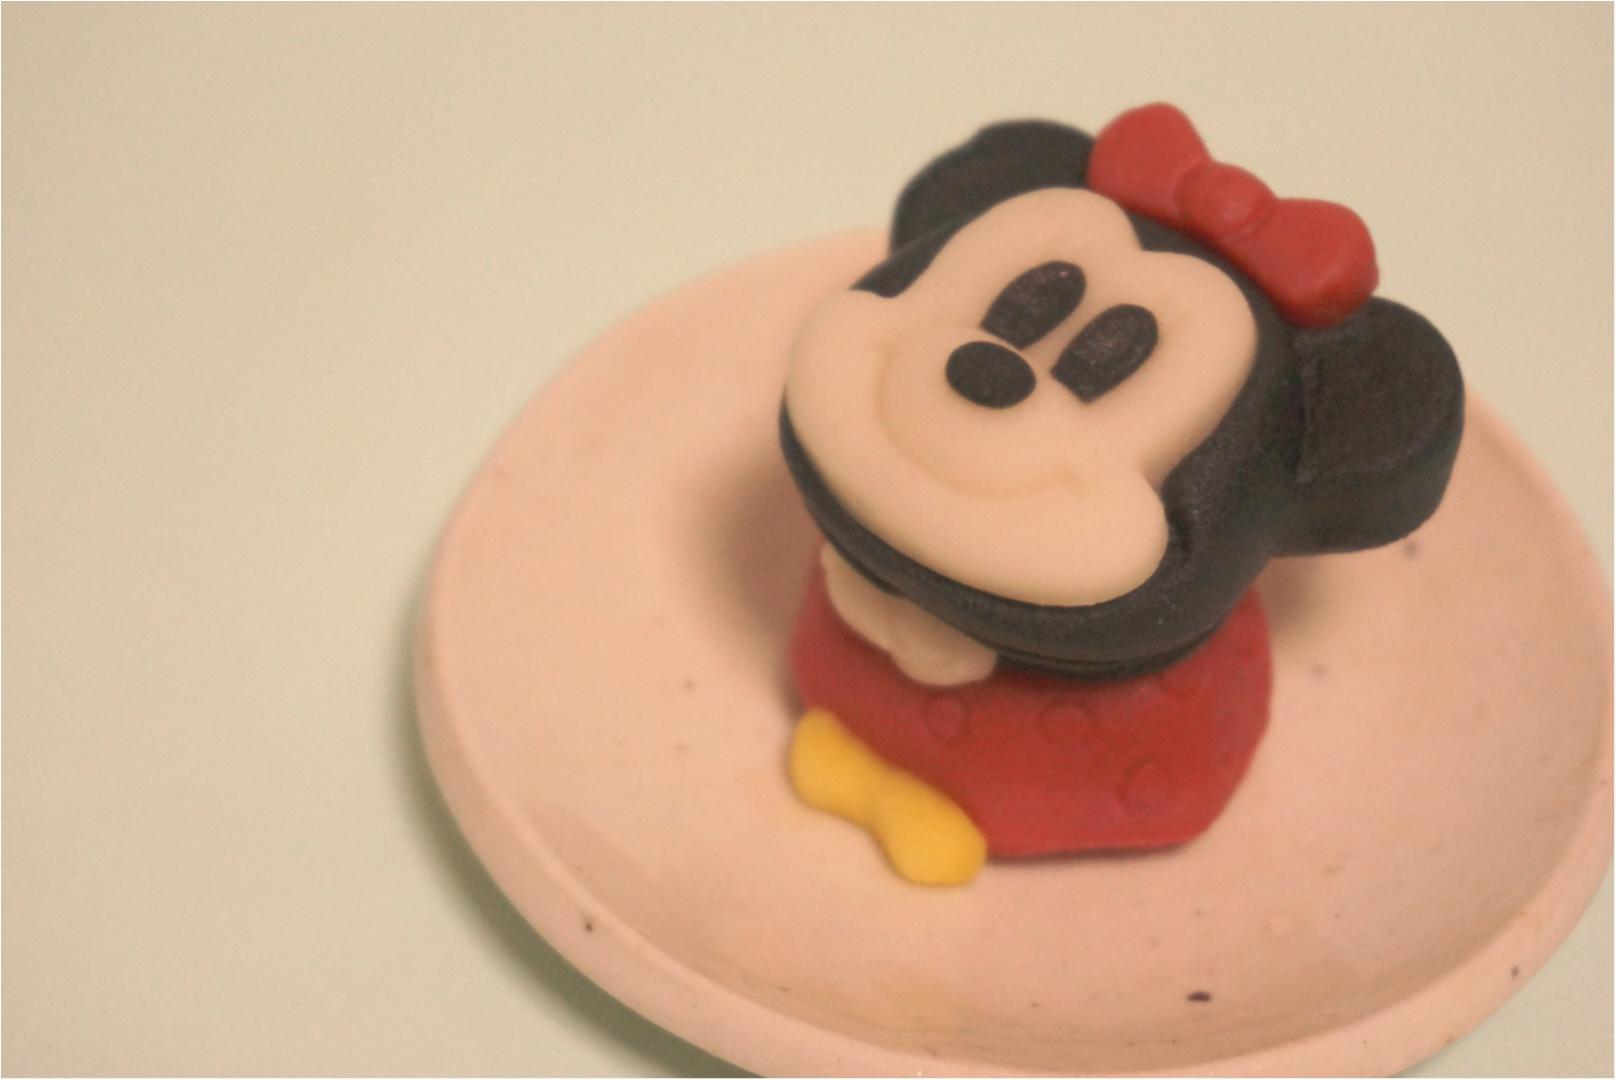 【3日間限定‼︎】ミッキーとミニーが可愛い和菓子に大変身( ´艸`)♡セブンで3日間だけ限定発売✨_4